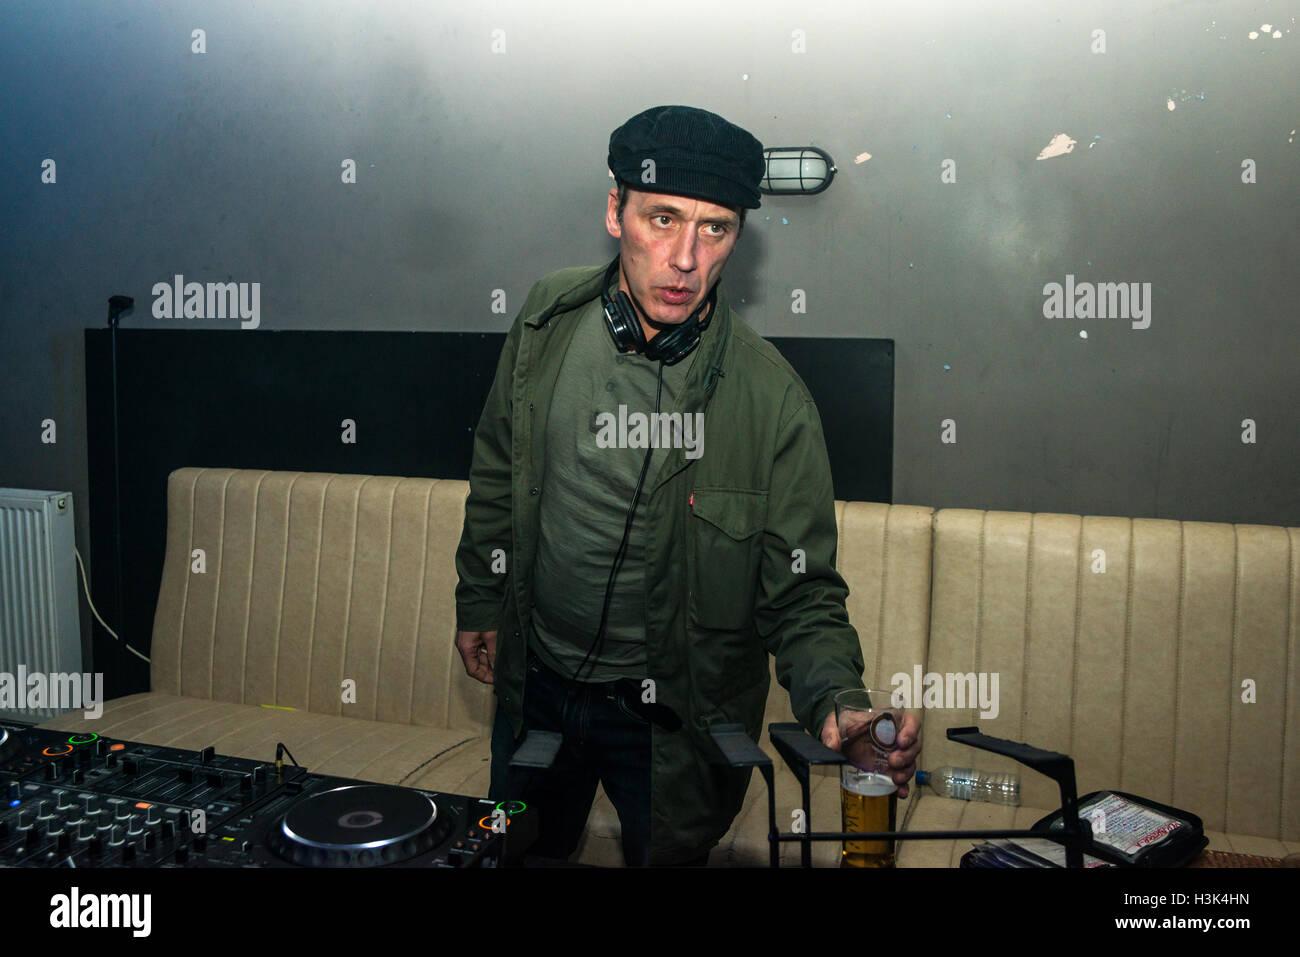 London UK, 8. Oktober 2016. Oasis und Noel Gallagher Tour DJ Phil Smith Djing auf dieses Gefühl präsentiert, Nambucca, London. Bildnachweis: Alberto Pezzali/Alamy Live-Nachrichten Stockfoto